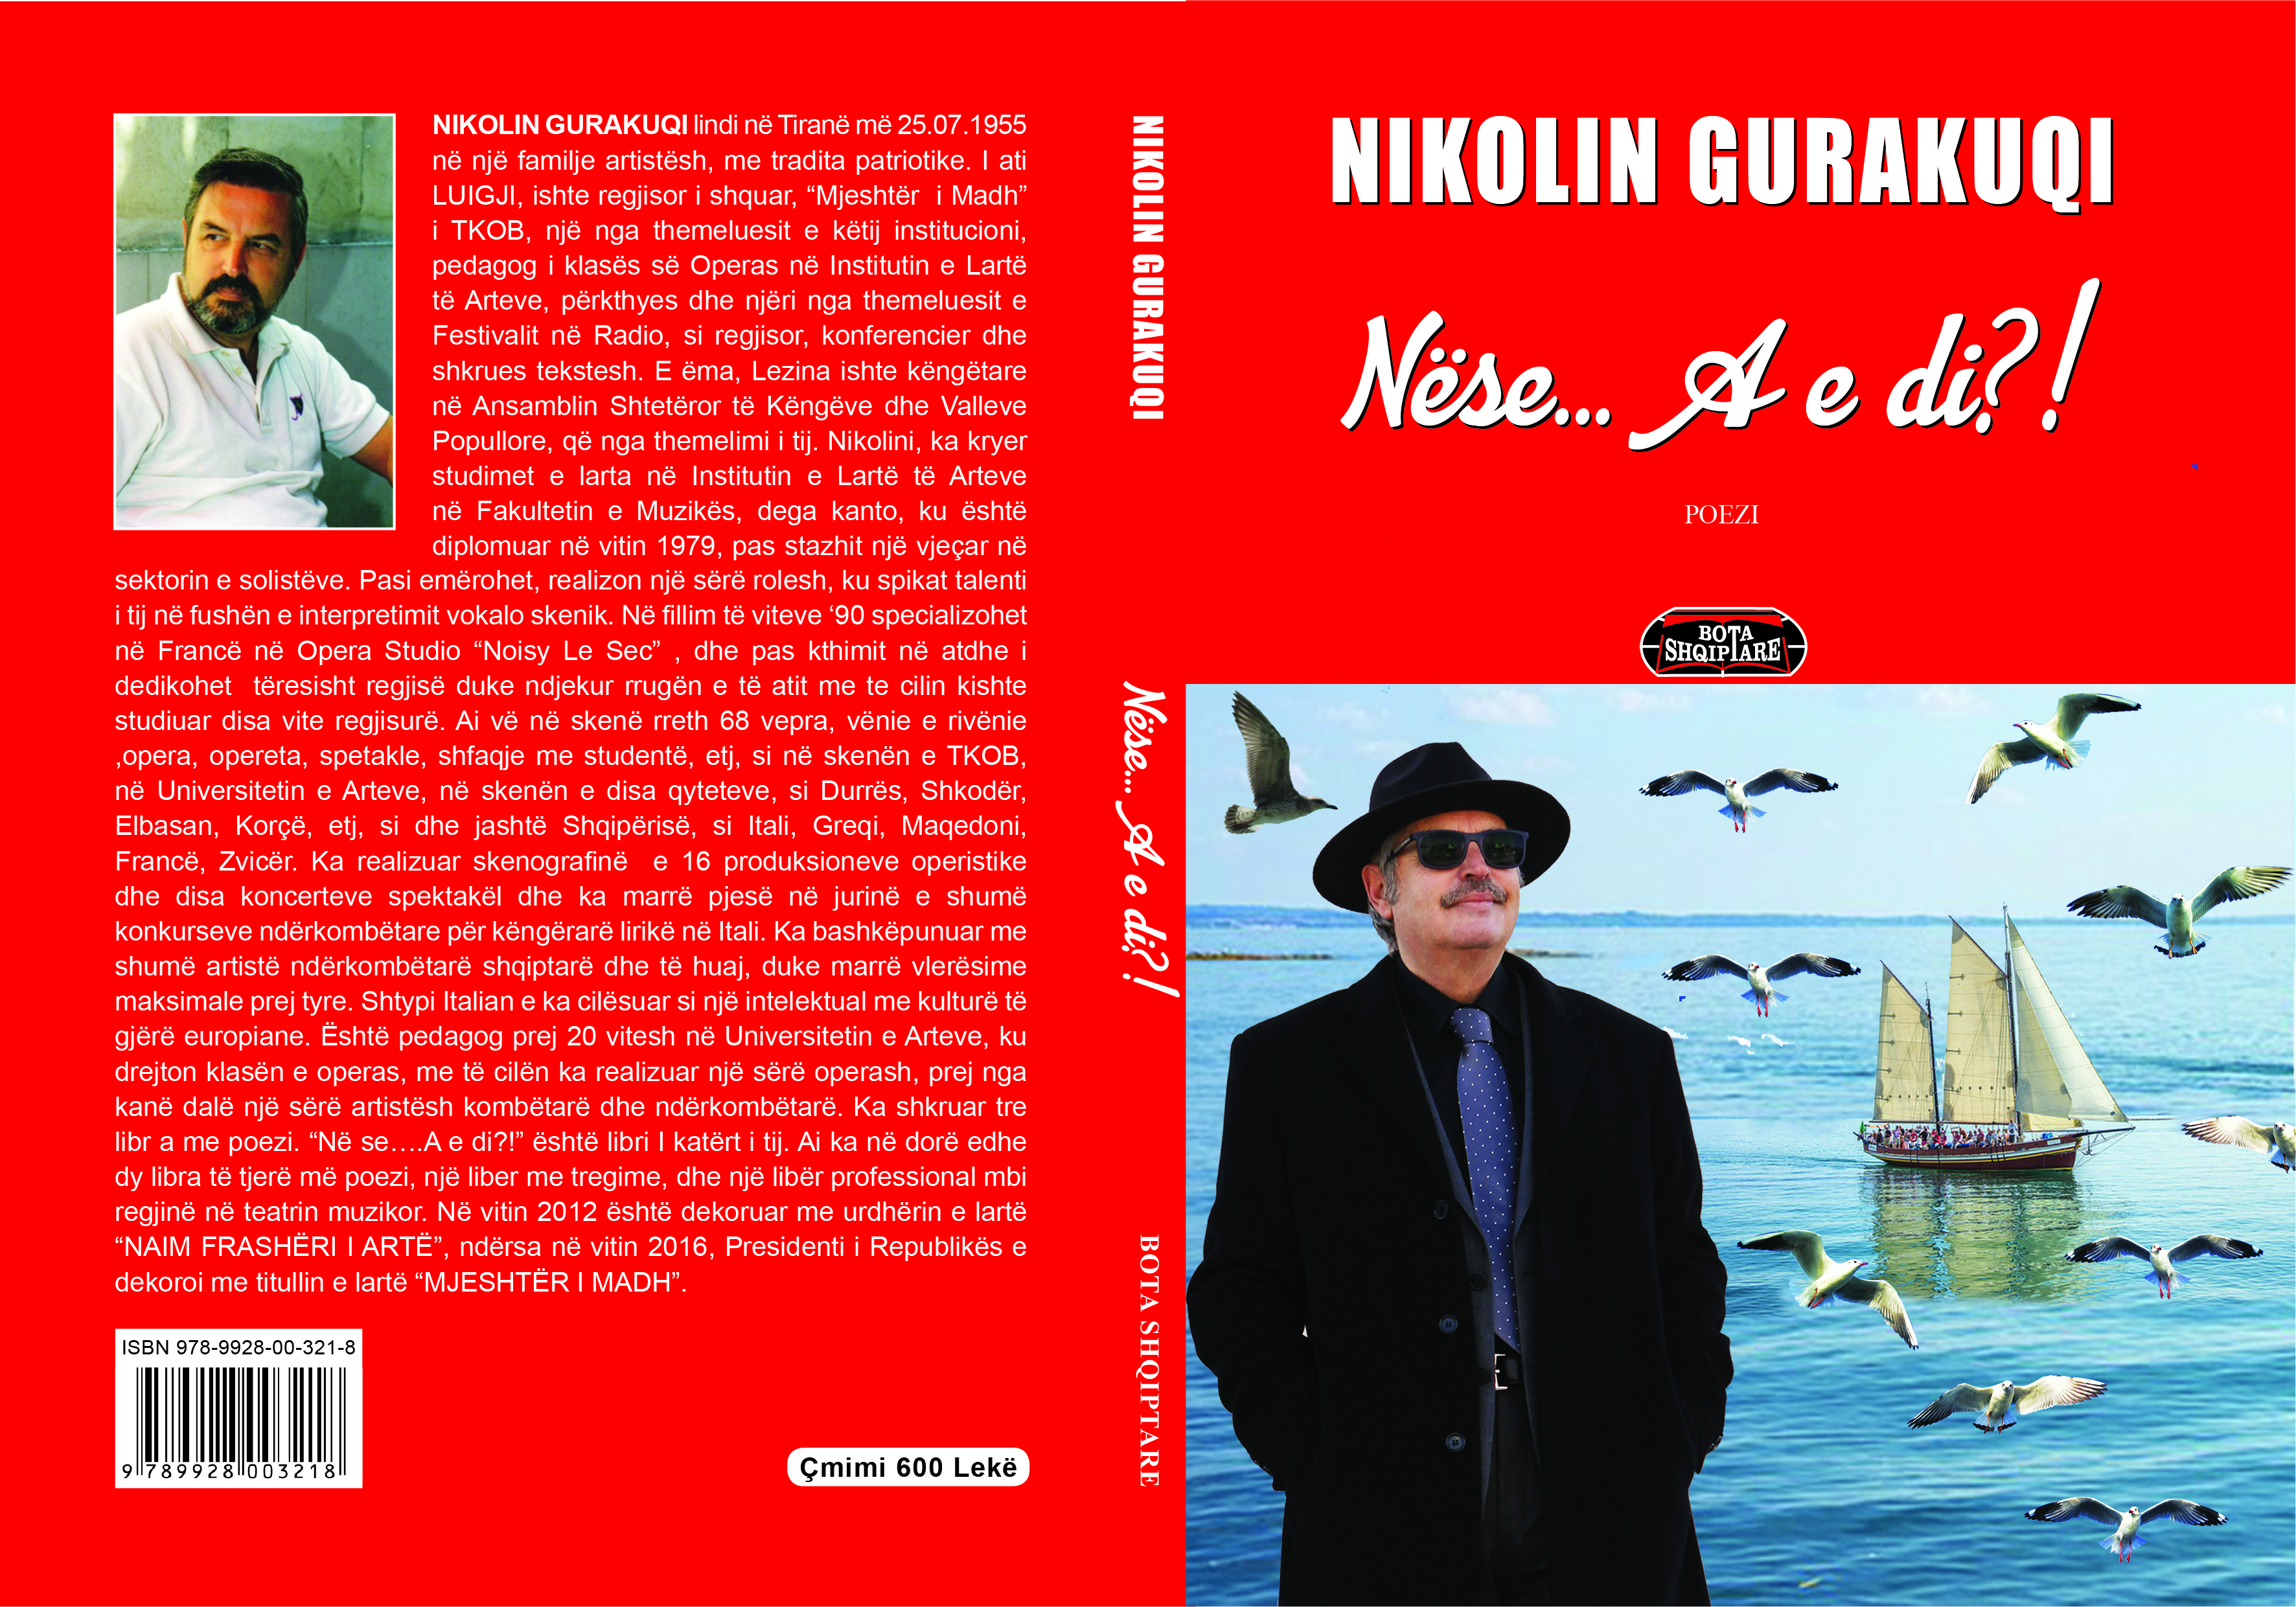 """""""Nëse ...A e di ?!"""",      një libër poetiko-`filozofiko-social i Nikolin Gurakuqit`"""